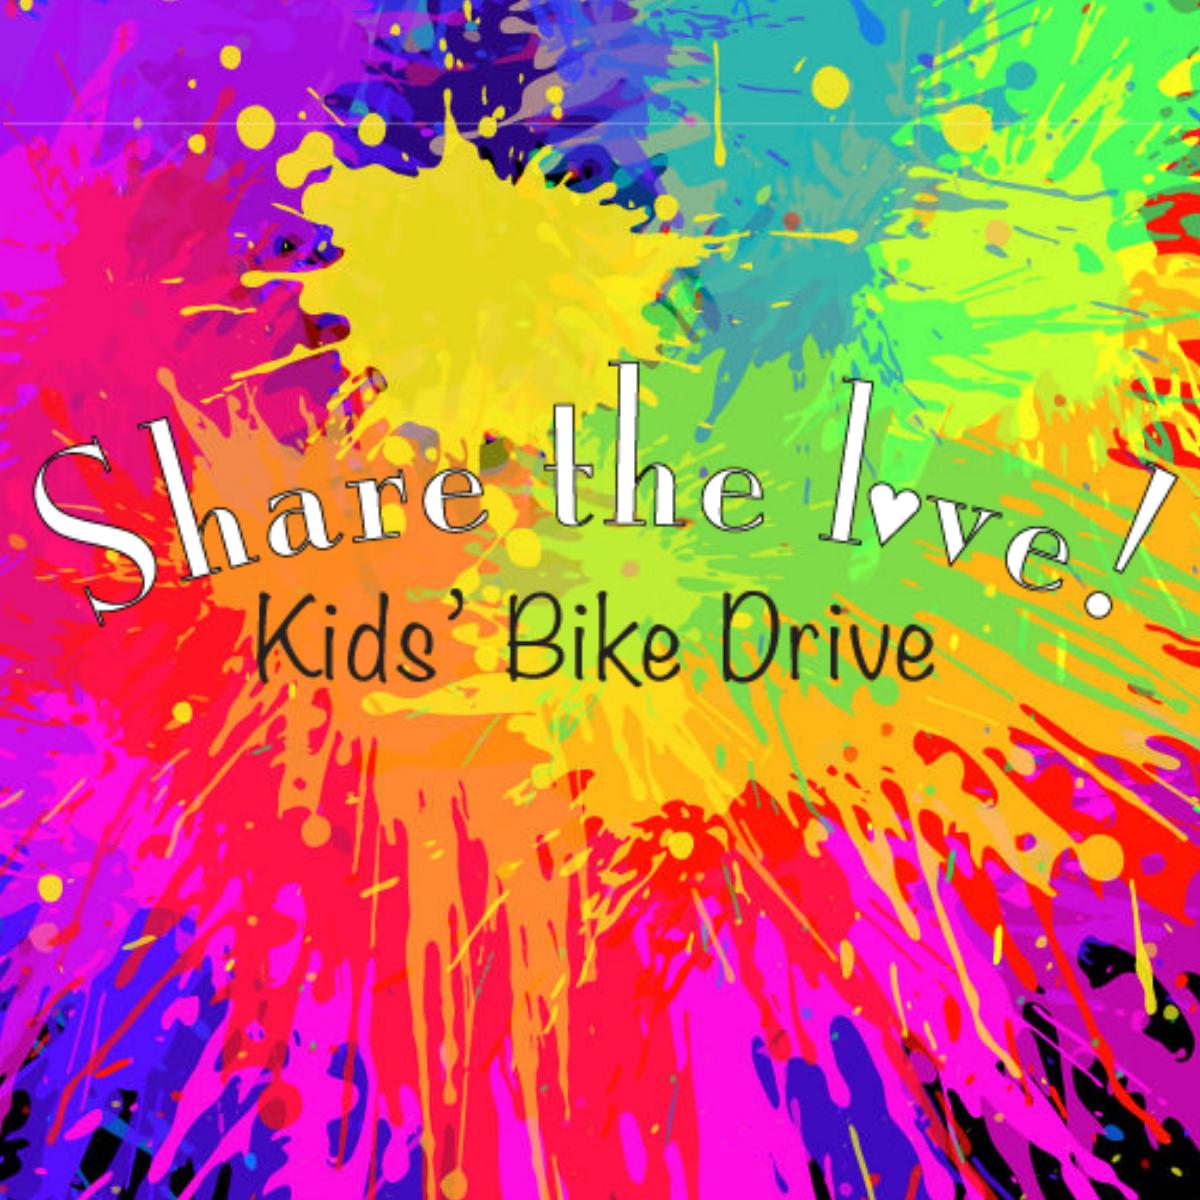 Casa : Share the Love Bike Drive